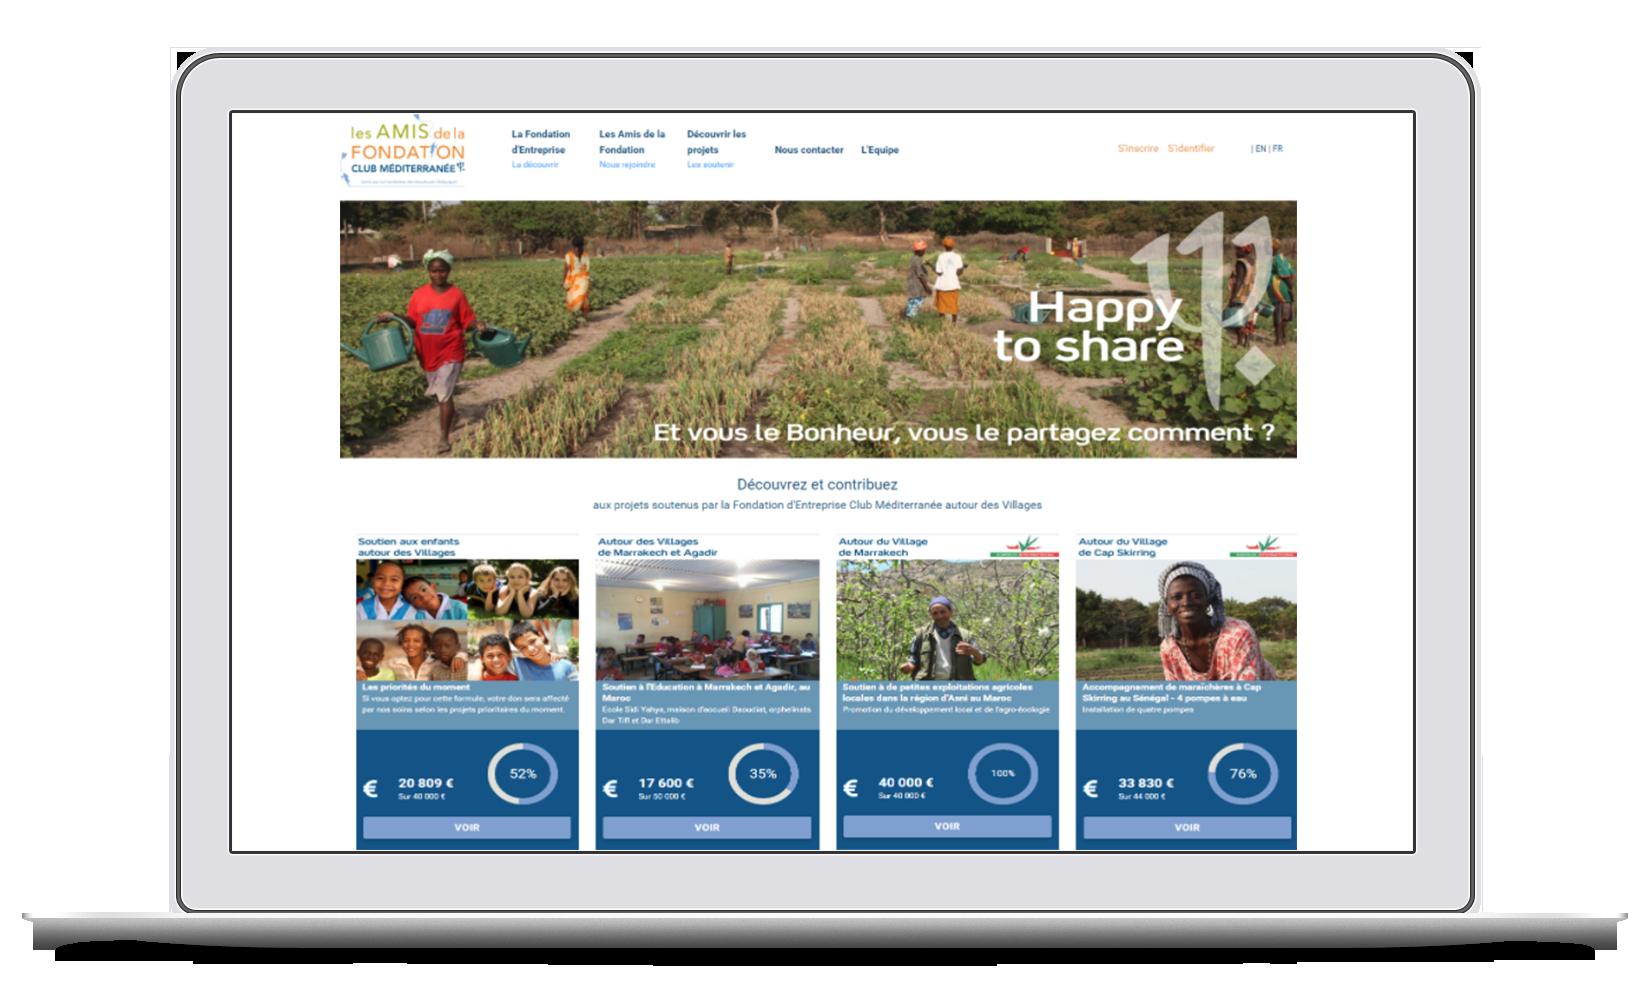 Créer une plateforme de crowdfunding pour valoriser l'engagement et la Responsabilité Sociale et Environnementale d'une entreprise au travers de sa fondation